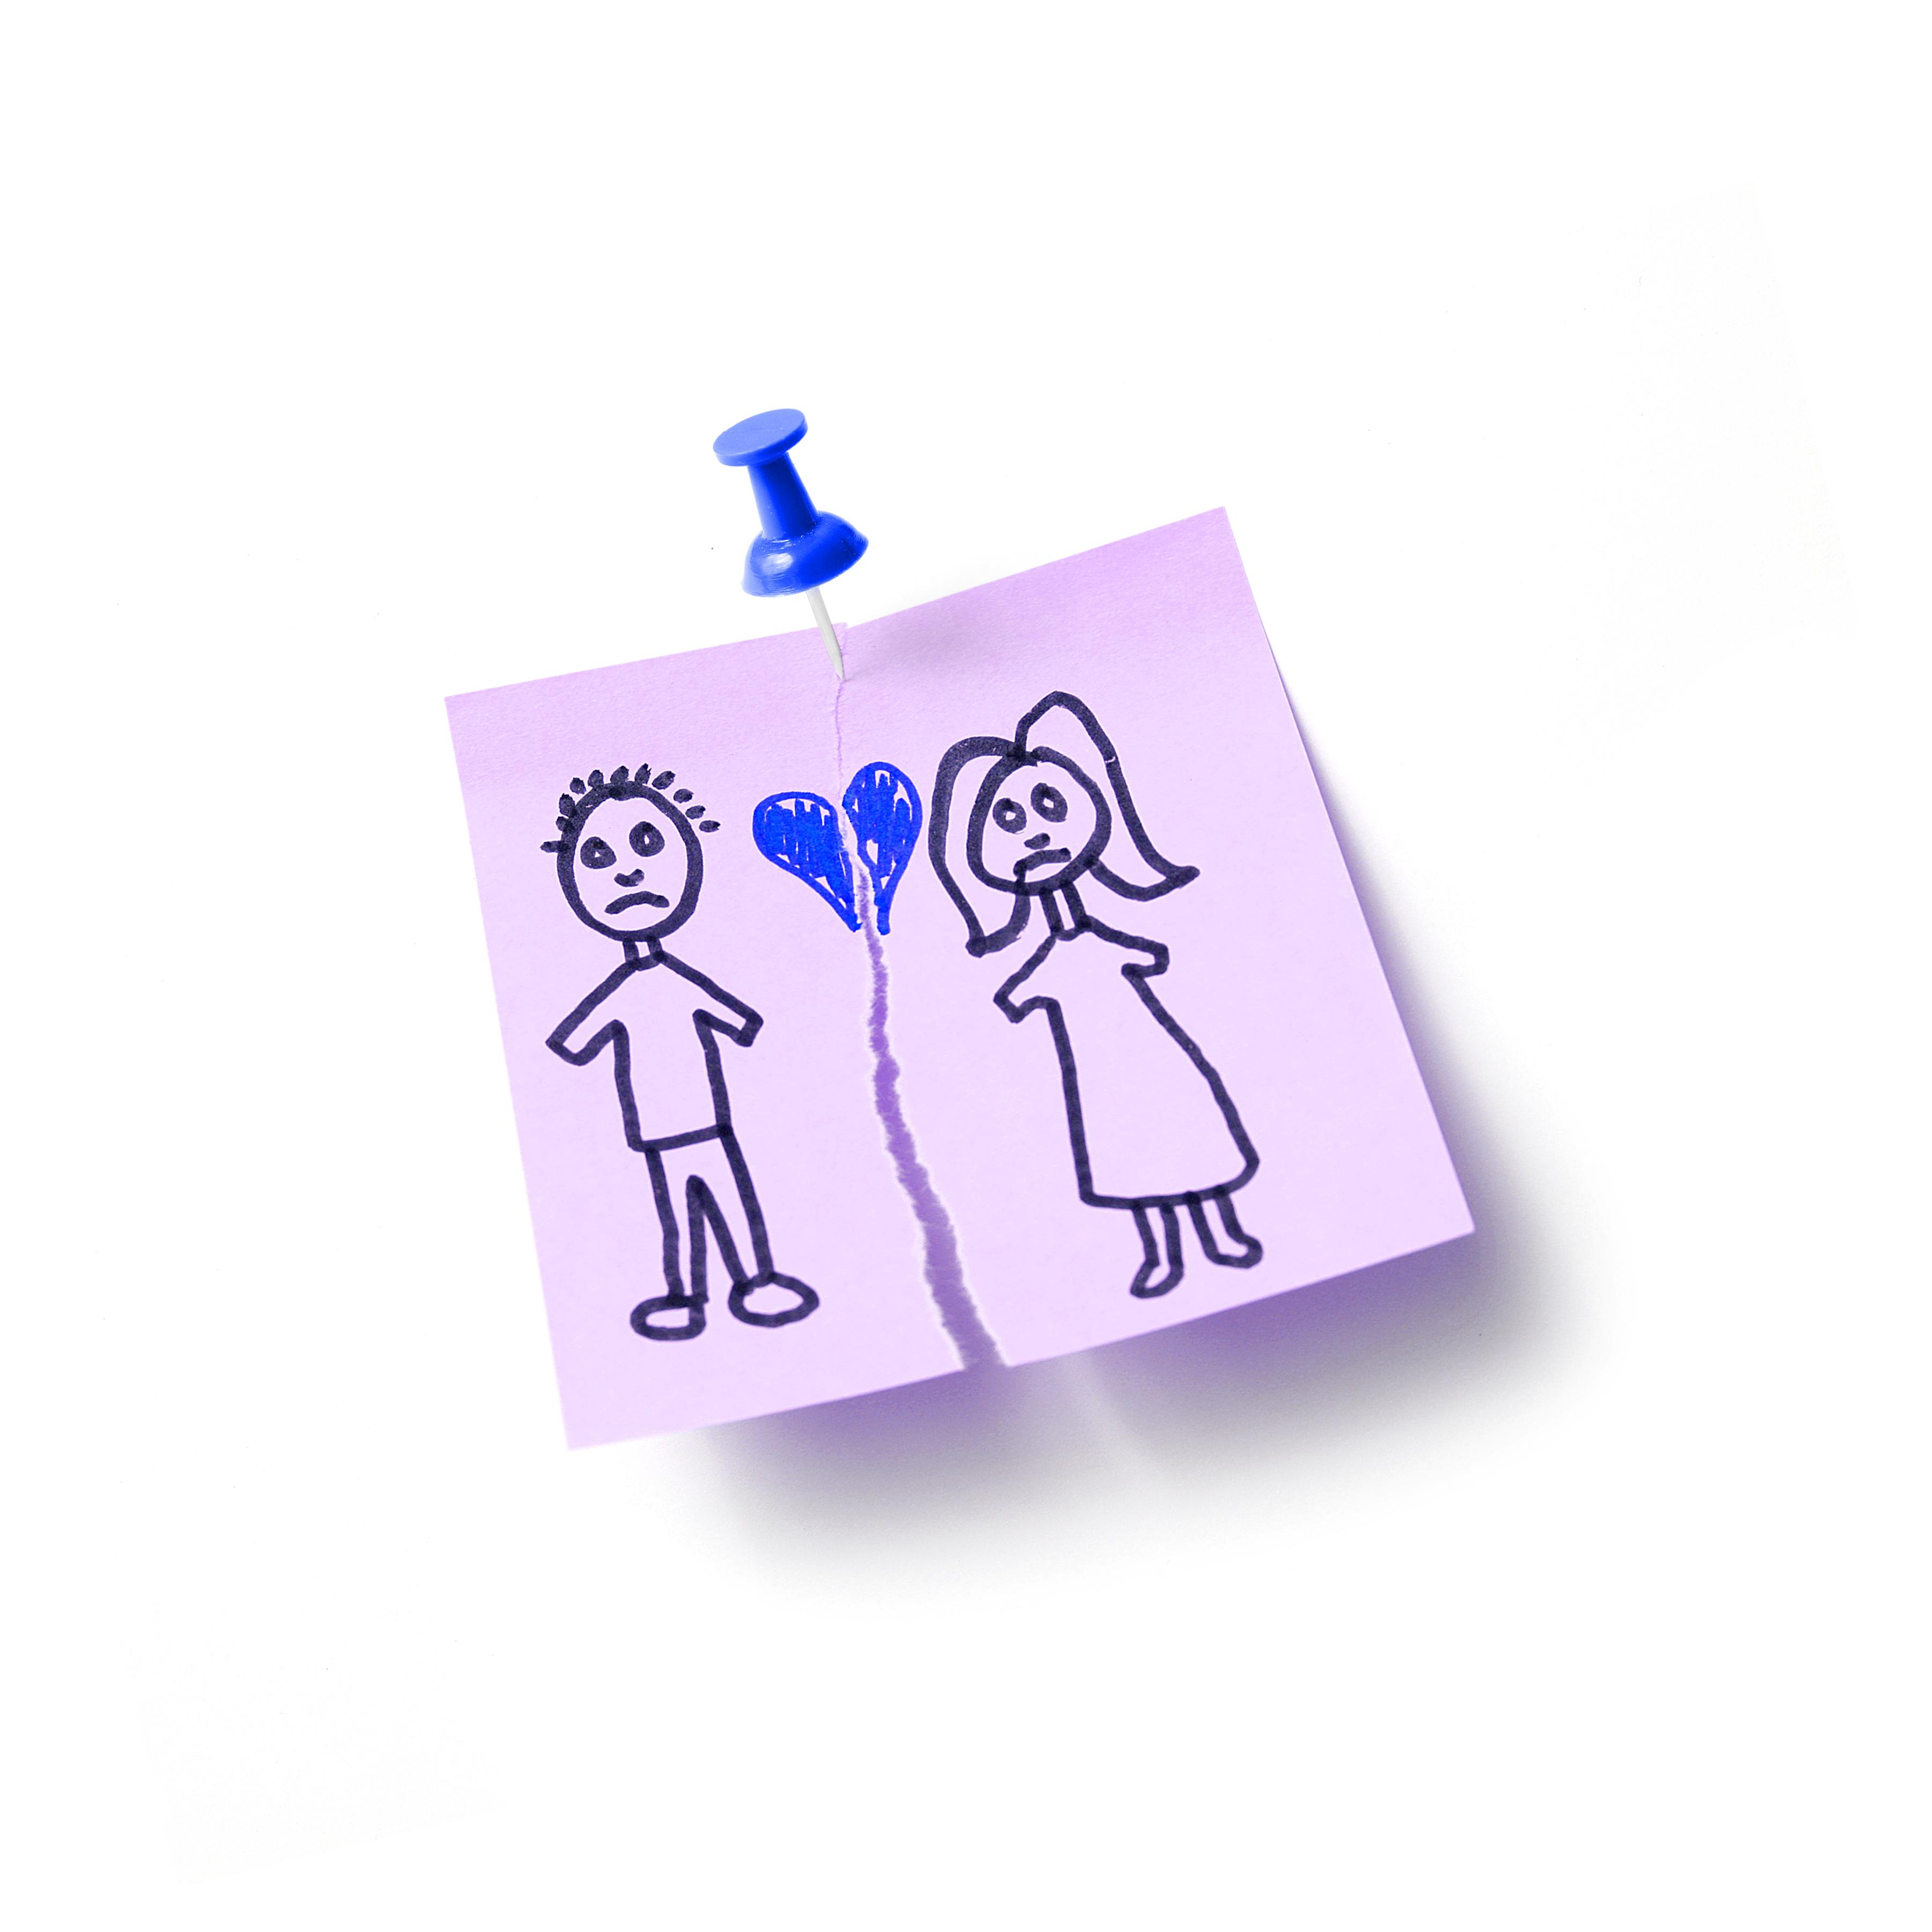 Een foto van een tekening van een echtscheiding